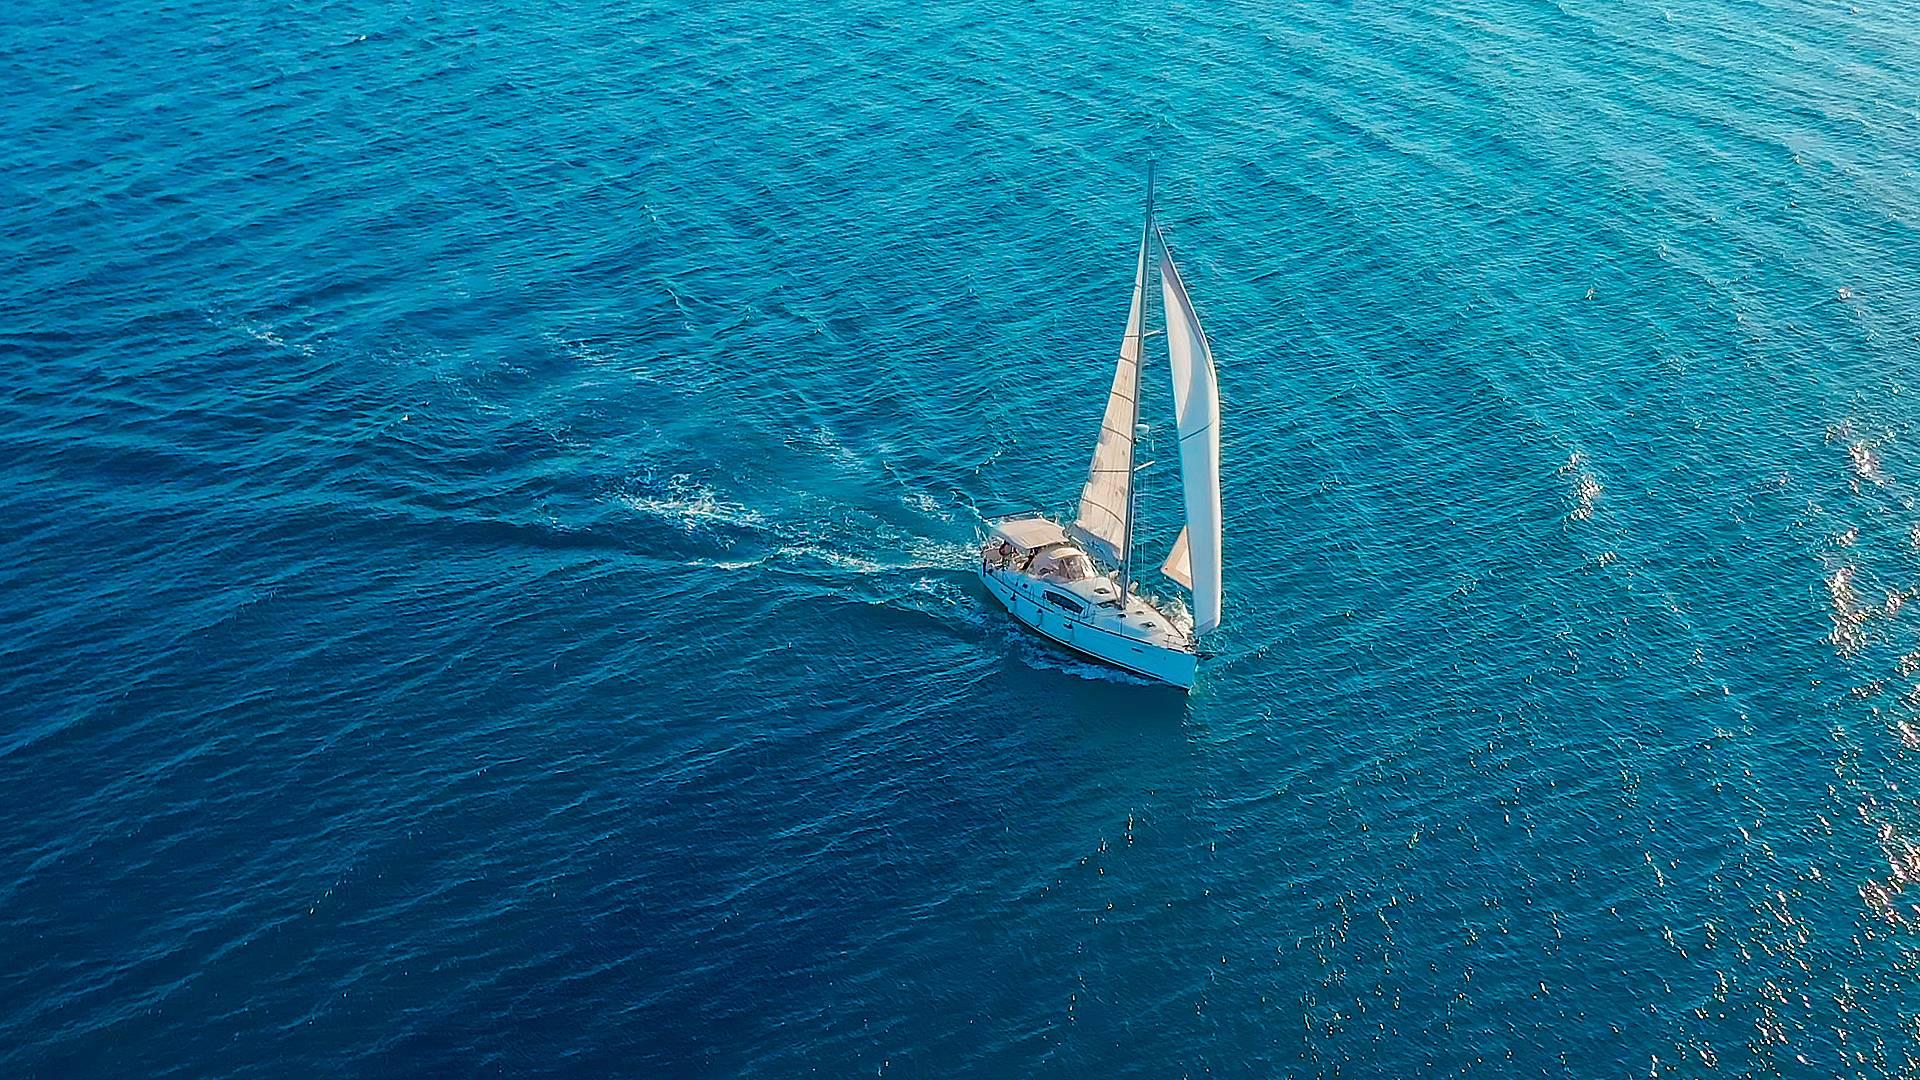 Croisière en voilier et photographie animalière en mer Méditerranée